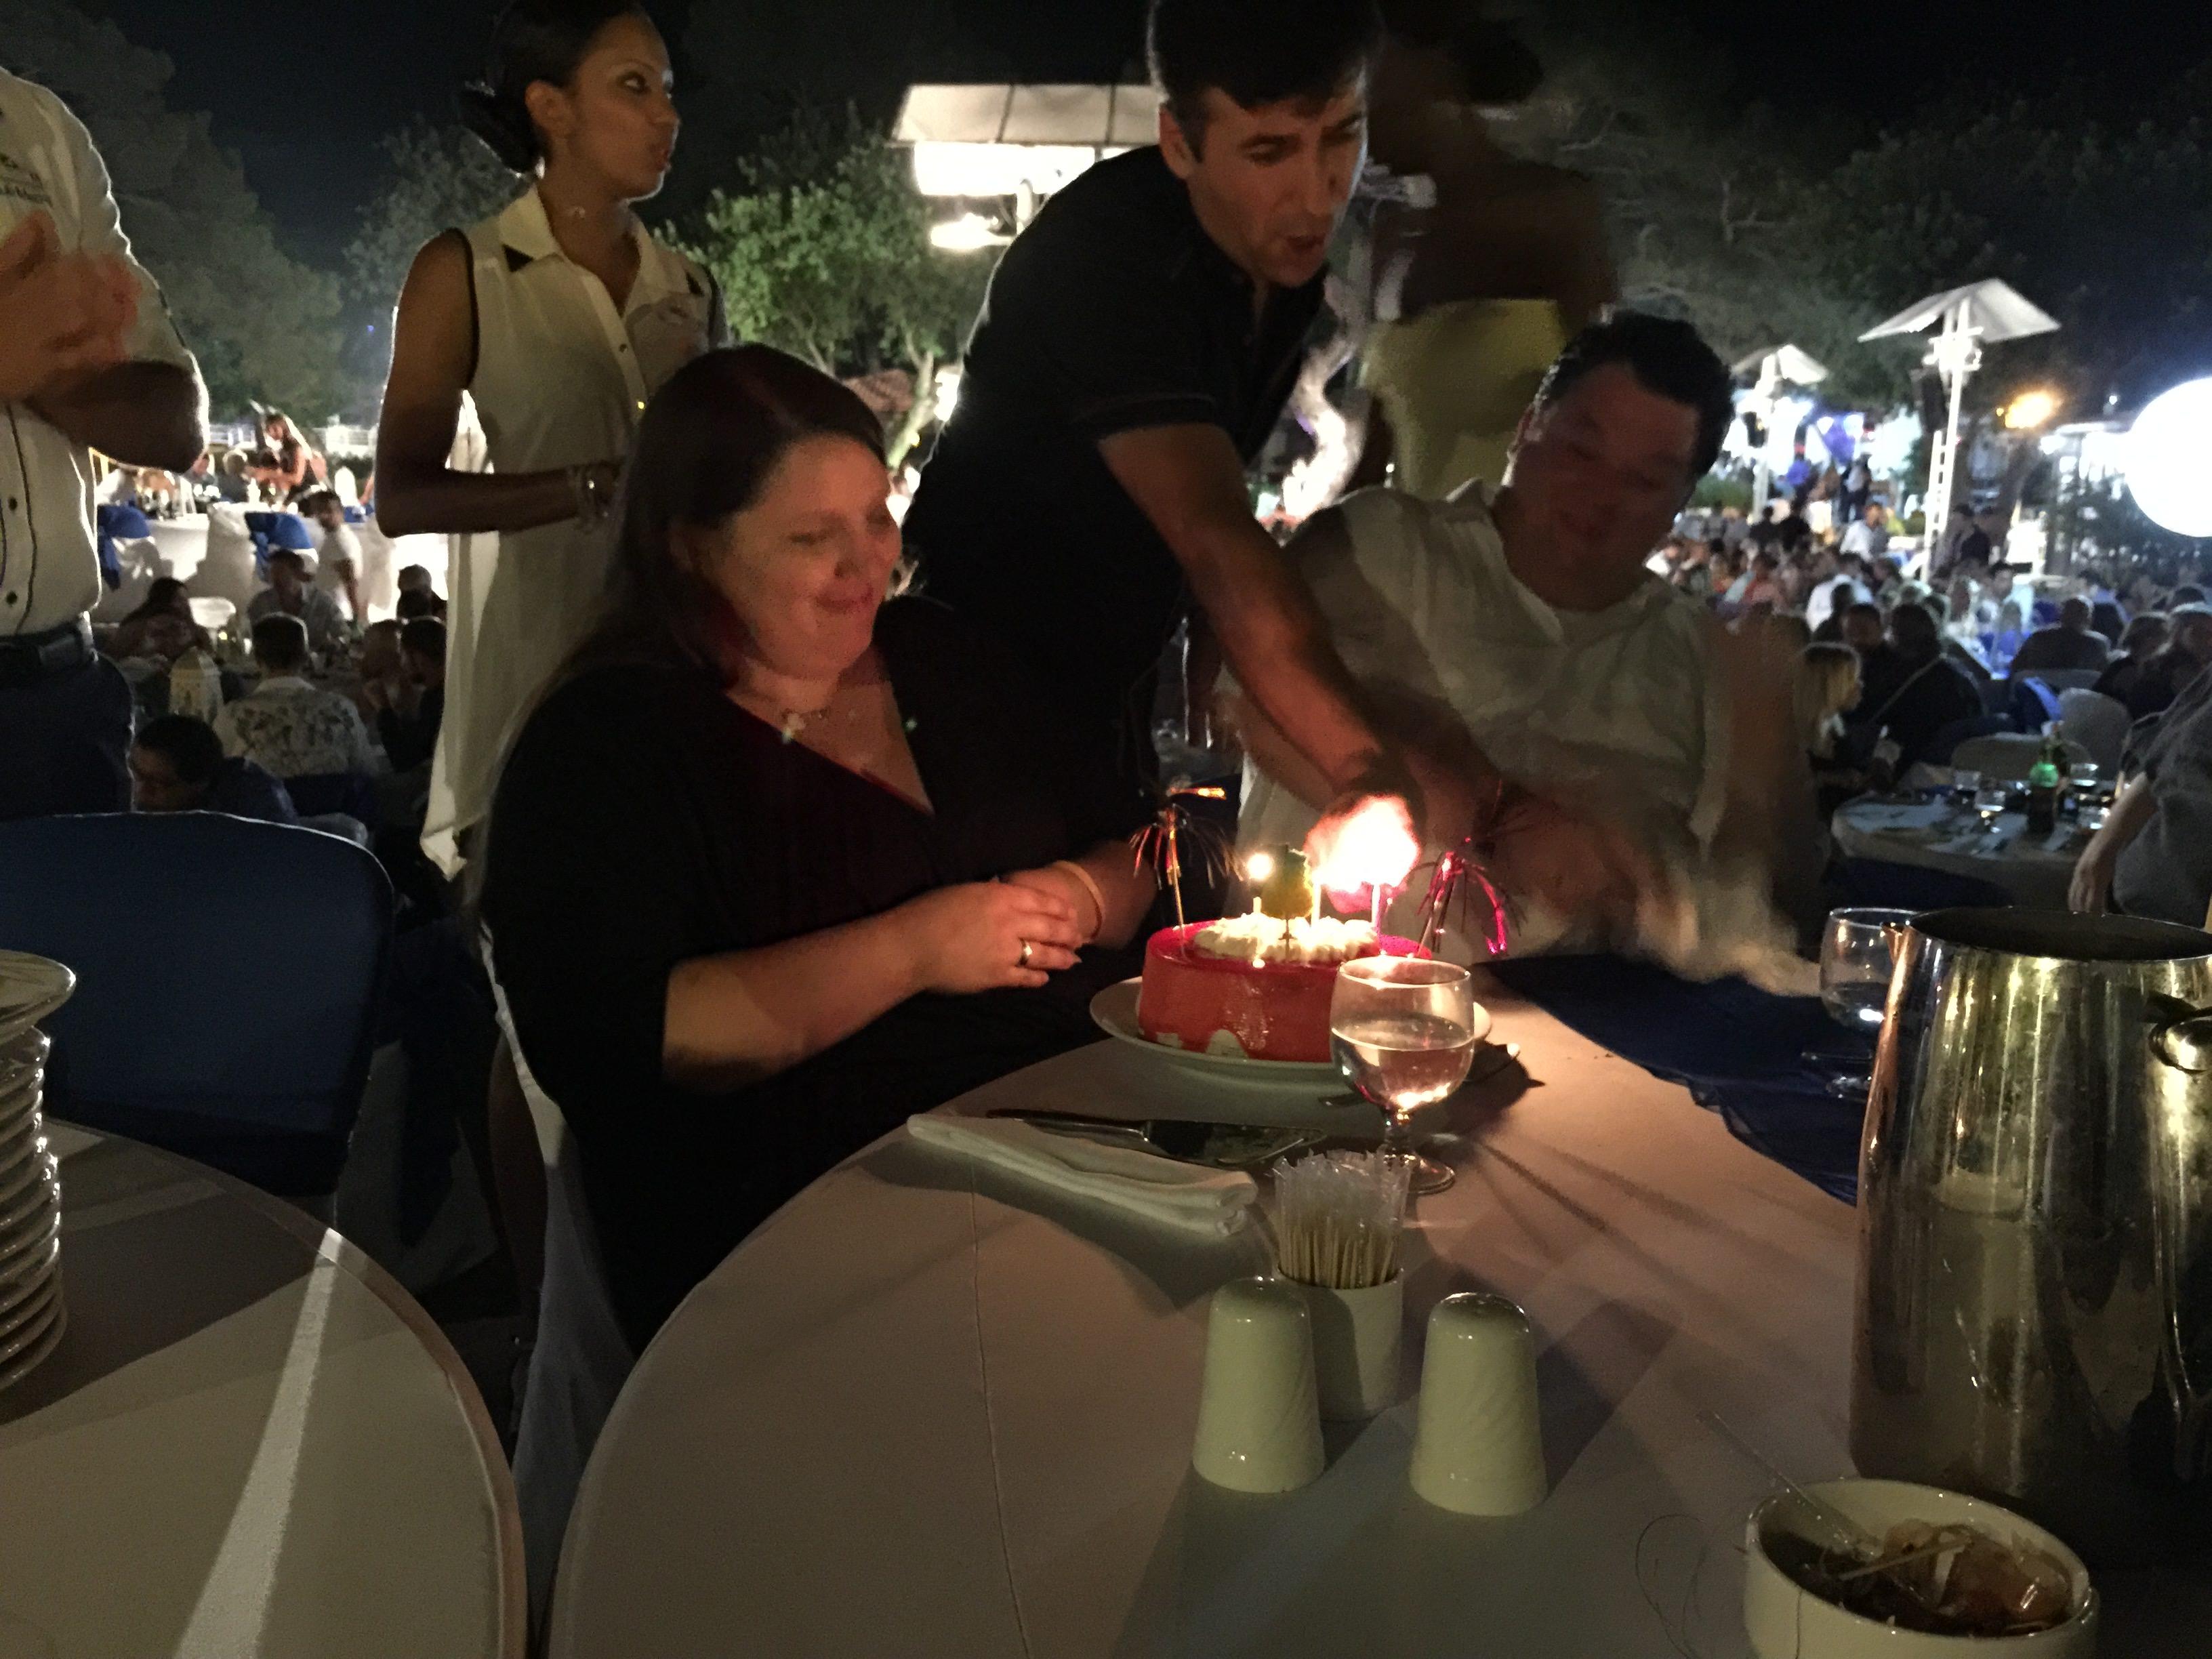 Da hat doch nicht etwa wer Geburtstag?!?!